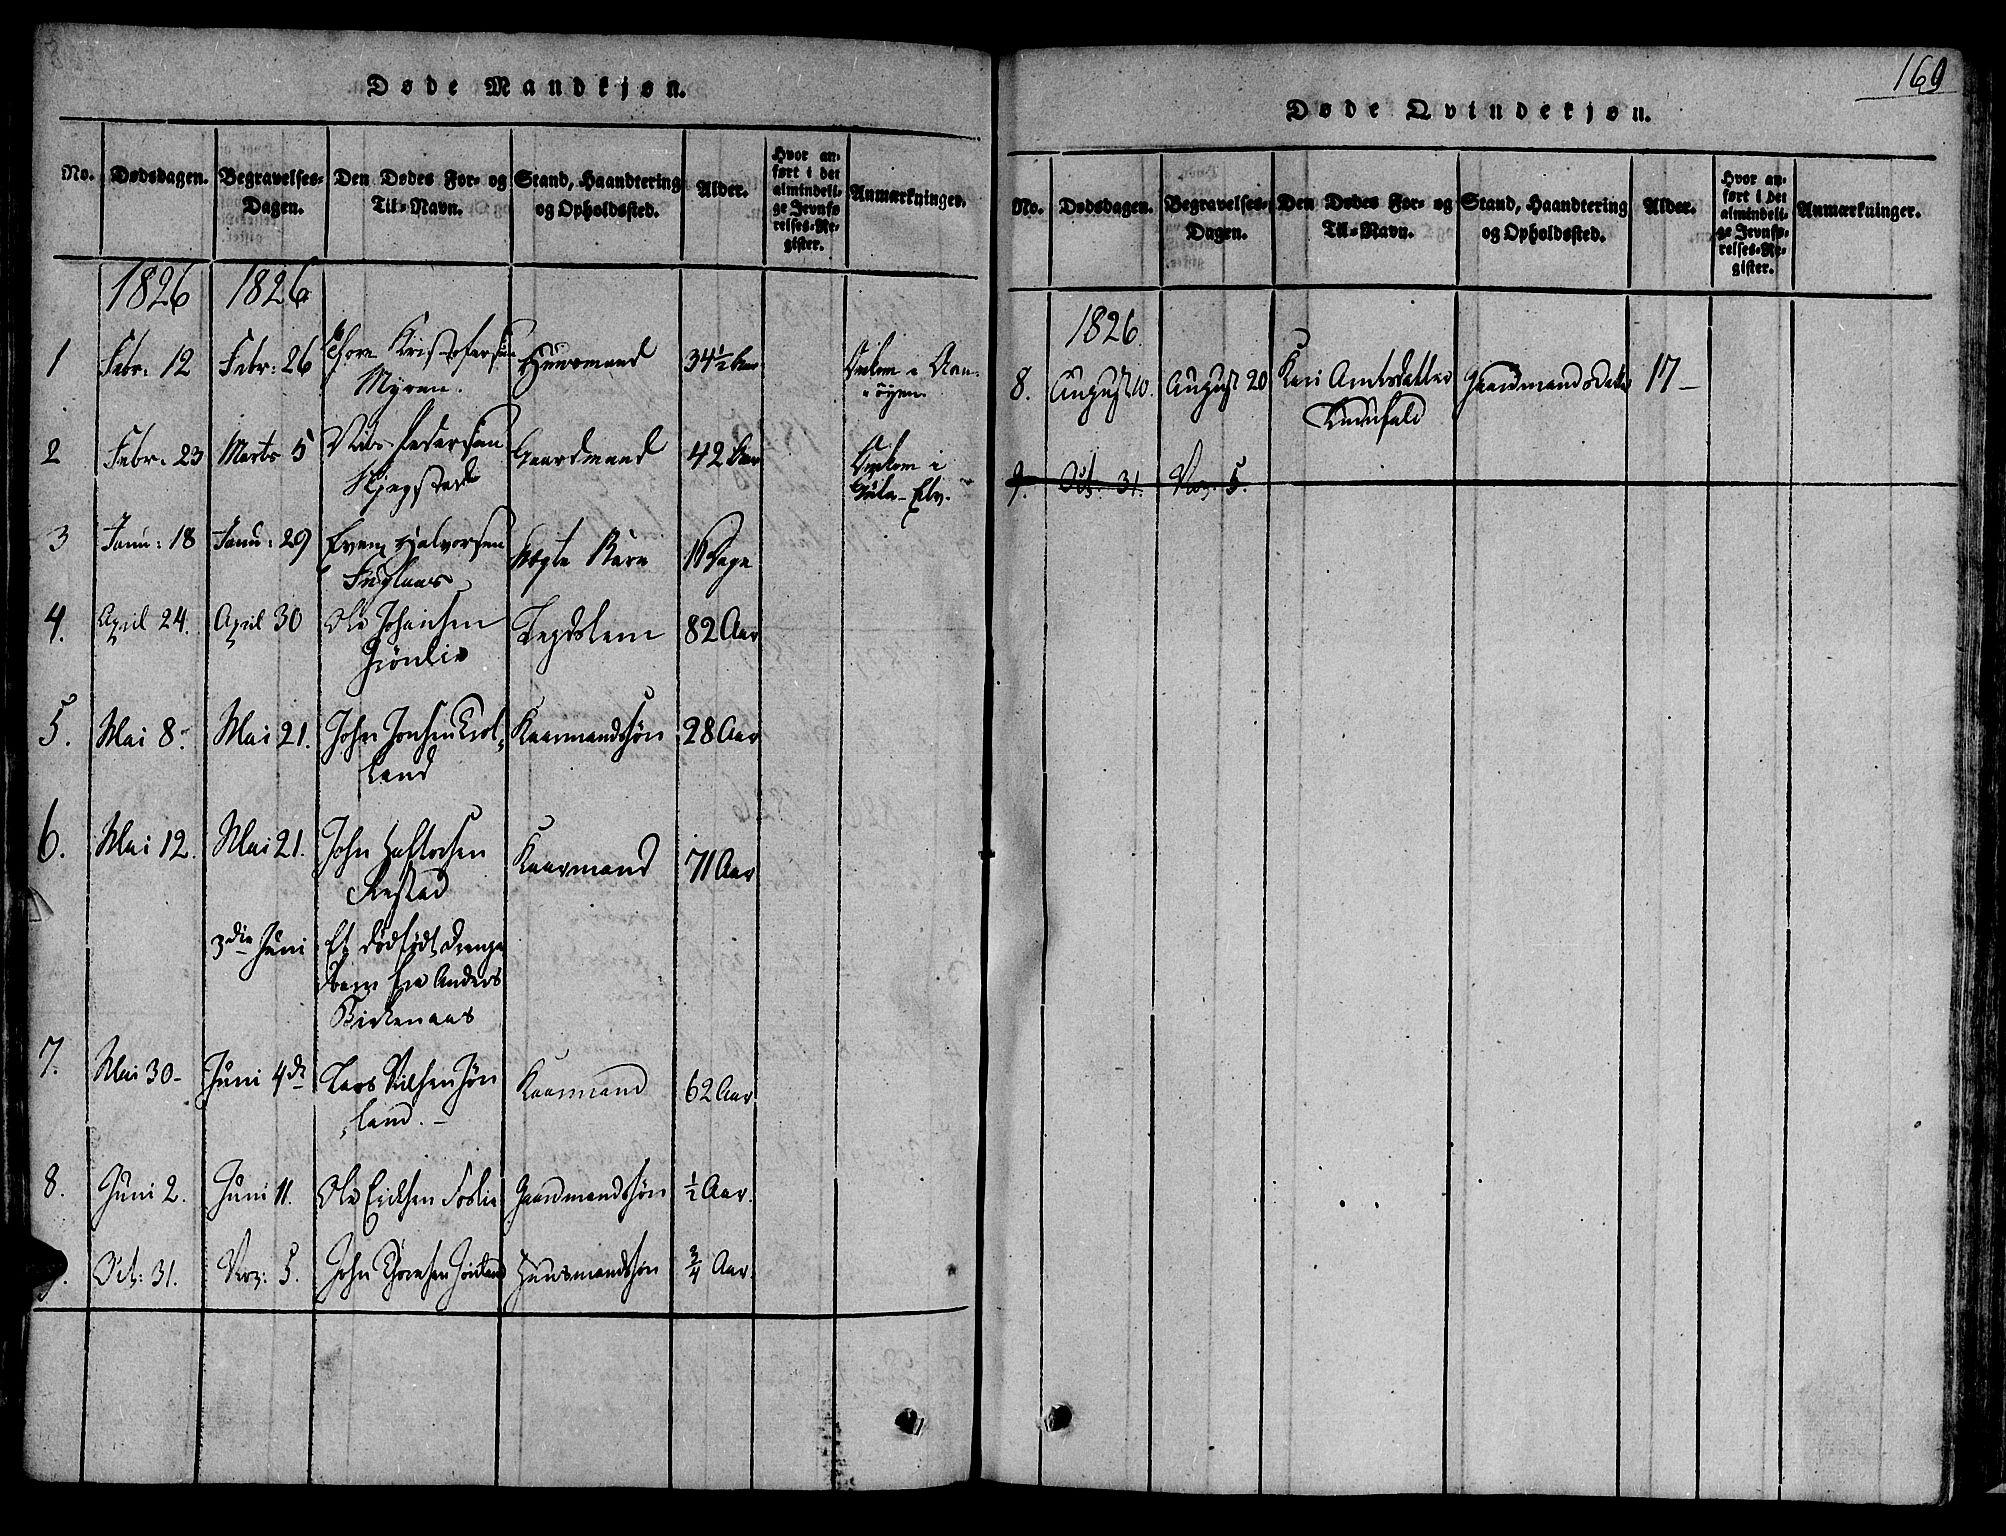 SAT, Ministerialprotokoller, klokkerbøker og fødselsregistre - Sør-Trøndelag, 691/L1068: Ministerialbok nr. 691A03 /4, 1816-1826, s. 169